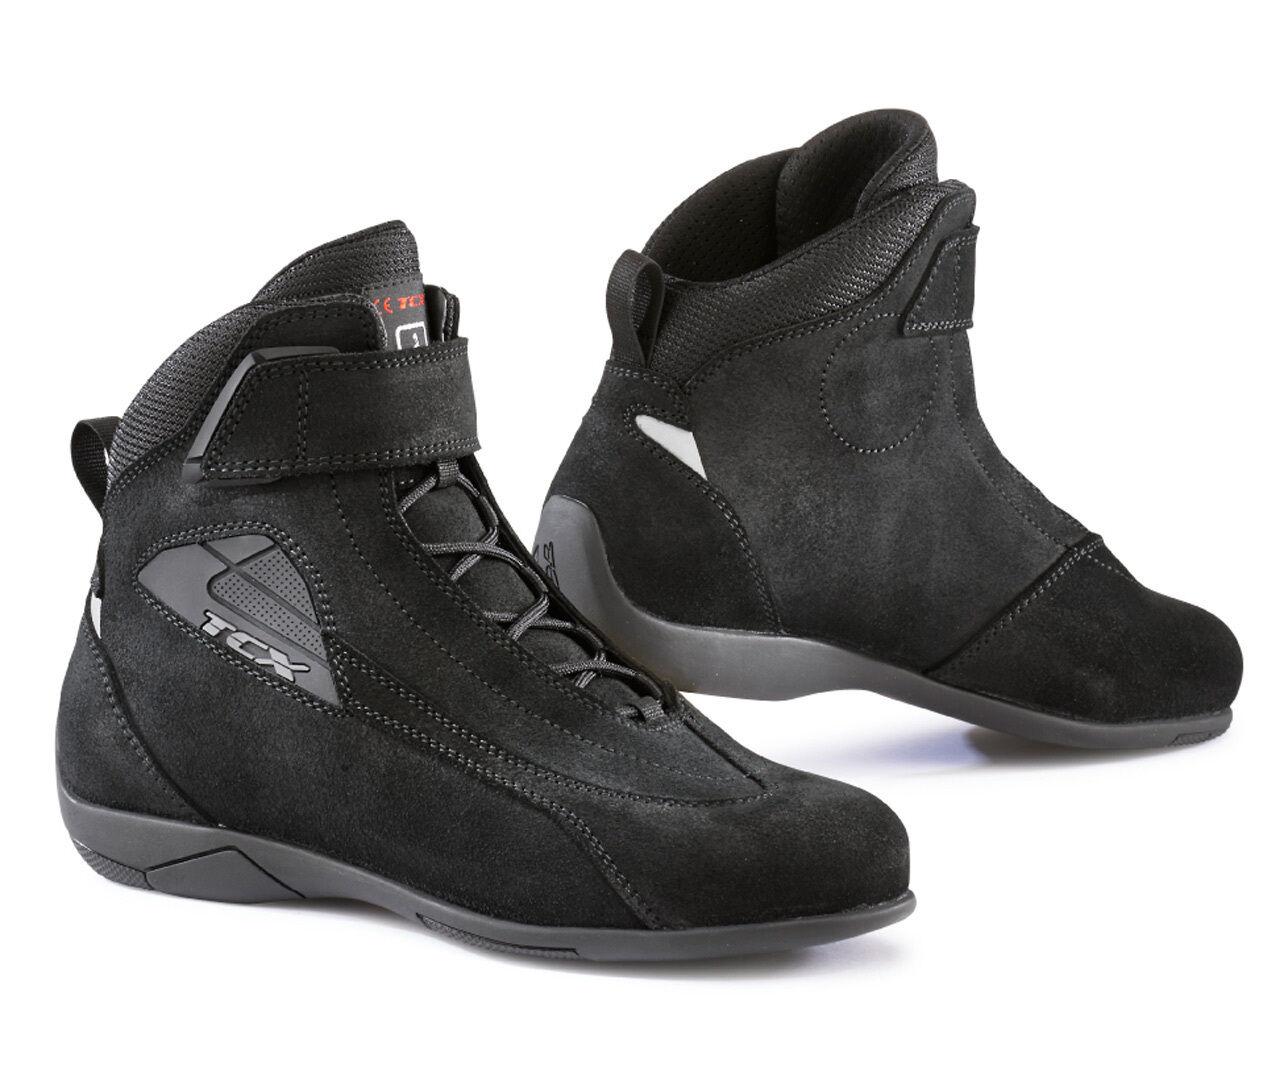 TCX Sport Chaussures de moto pour dames Noir taille : 36